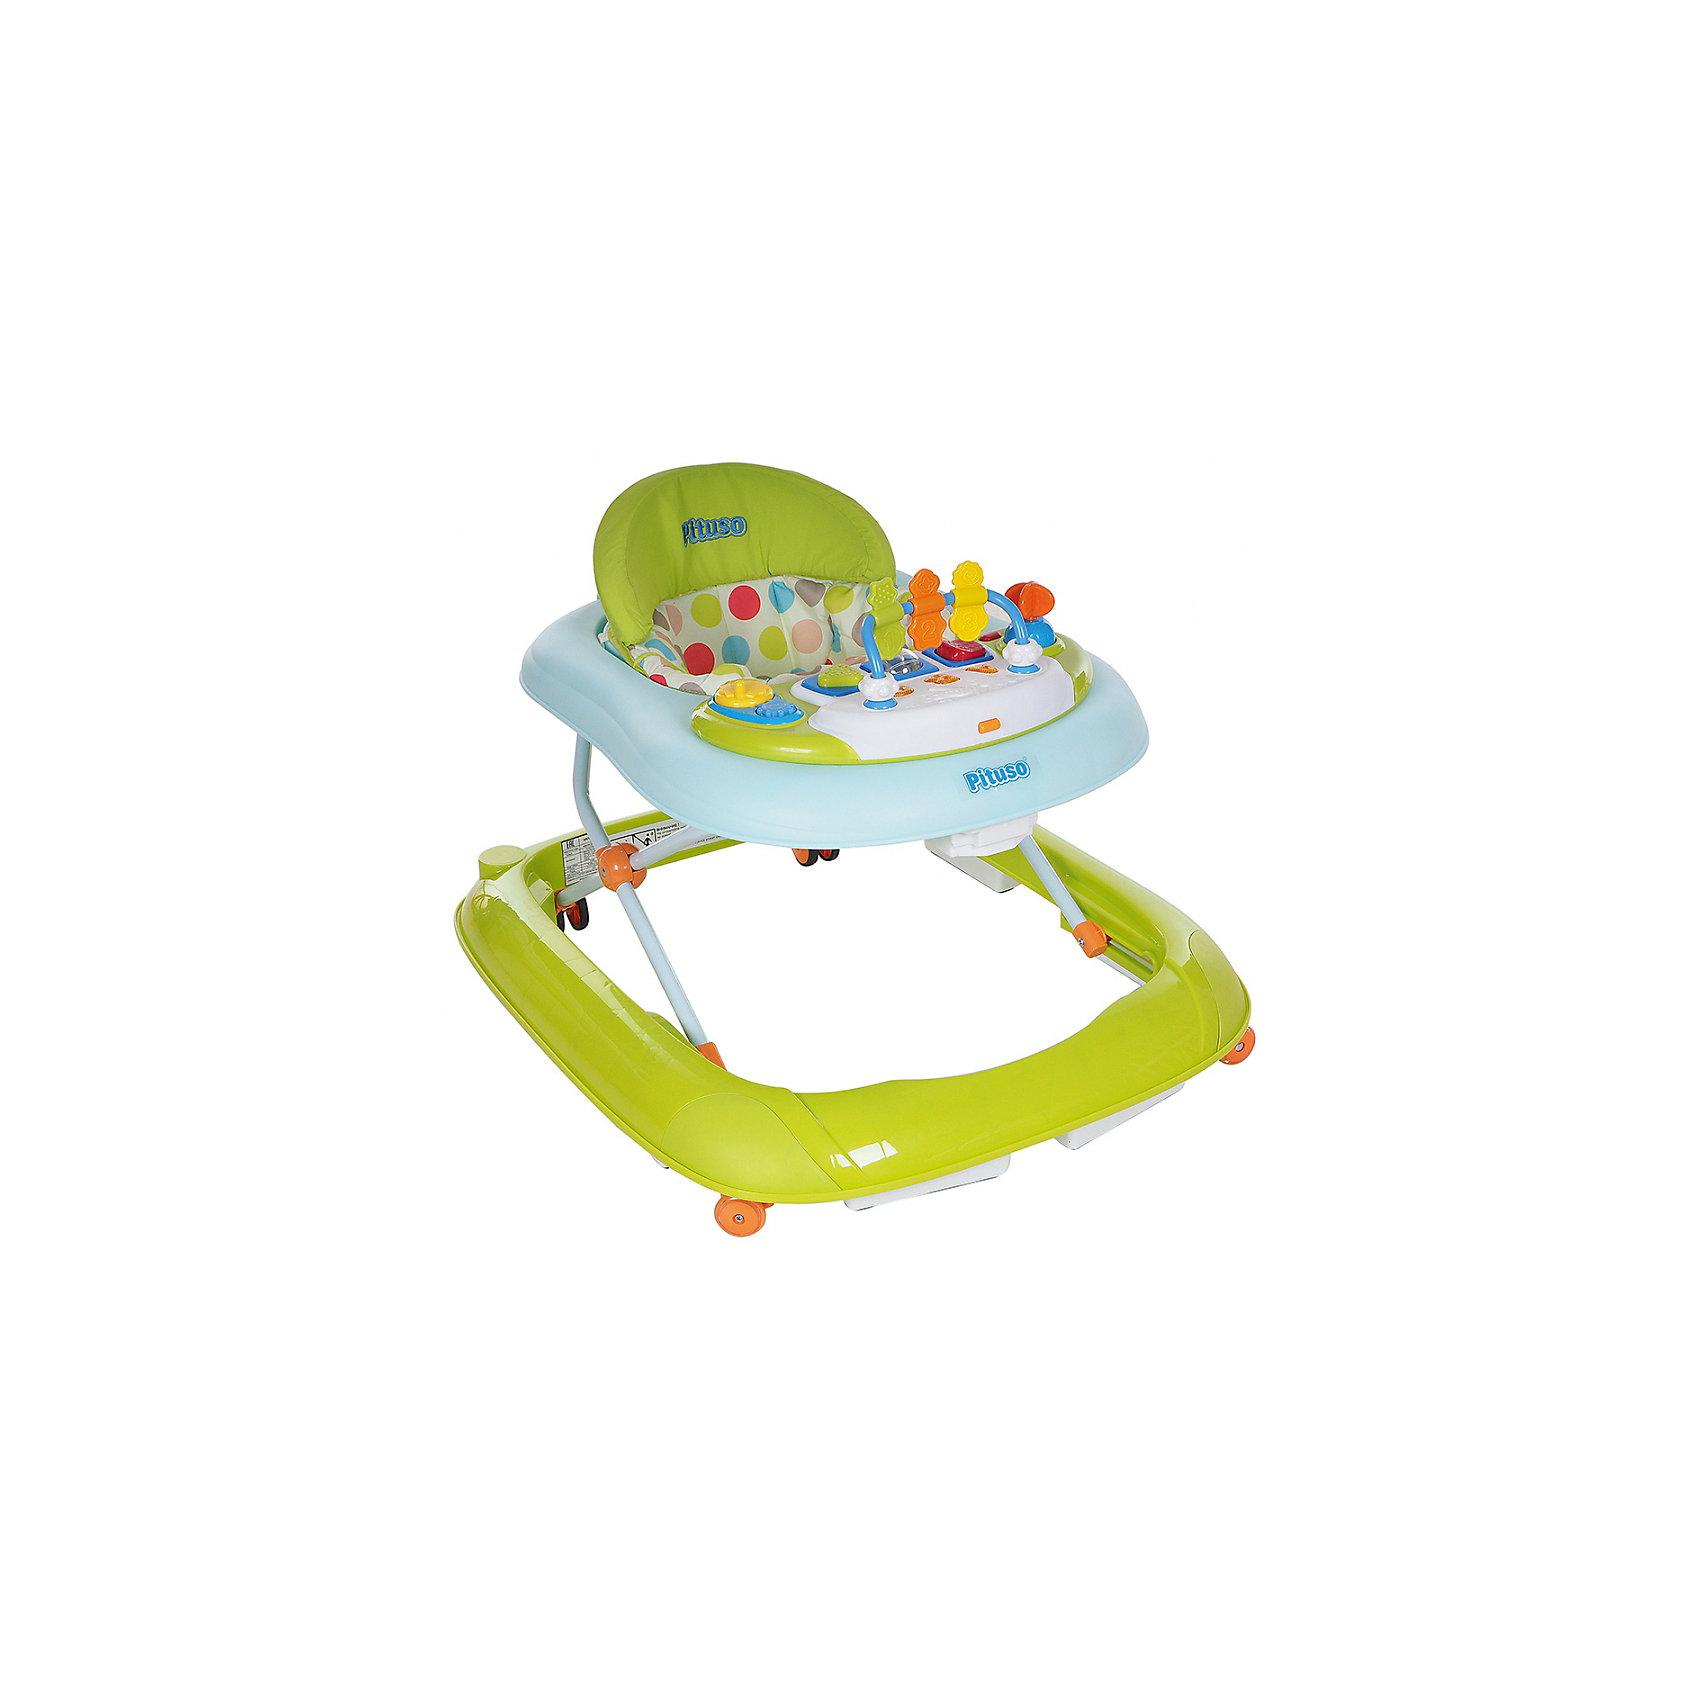 Ходунки ABC, Pituso, зеленыйХодунки<br>Характеристики ходунков Pituso:<br><br>• высота ходунков регулируется в 3-х положениях;<br>• музыкальное сопровождение;<br>• световые эффекты;<br>• развивающие игрушки;<br>• устойчивая конструкция ходунков;<br>• мягкое сиденье эргономичной формы, высокая спинка;<br>• 8 колес, материал силикон;<br>• материал ходунков: пластик, чехлы – полиэстер.<br><br>Размер ходунков в сложенном виде: 62,5х11,5х72 см<br>Вес: 4,4 кг<br>Максимальная нагрузка: 13 кг<br><br>Ходунки ABC, Pituso, зеленые можно купить в нашем интернет-магазине.<br><br>Ширина мм: 645<br>Глубина мм: 110<br>Высота мм: 790<br>Вес г: 4230<br>Возраст от месяцев: 6<br>Возраст до месяцев: 12<br>Пол: Унисекс<br>Возраст: Детский<br>SKU: 5559197